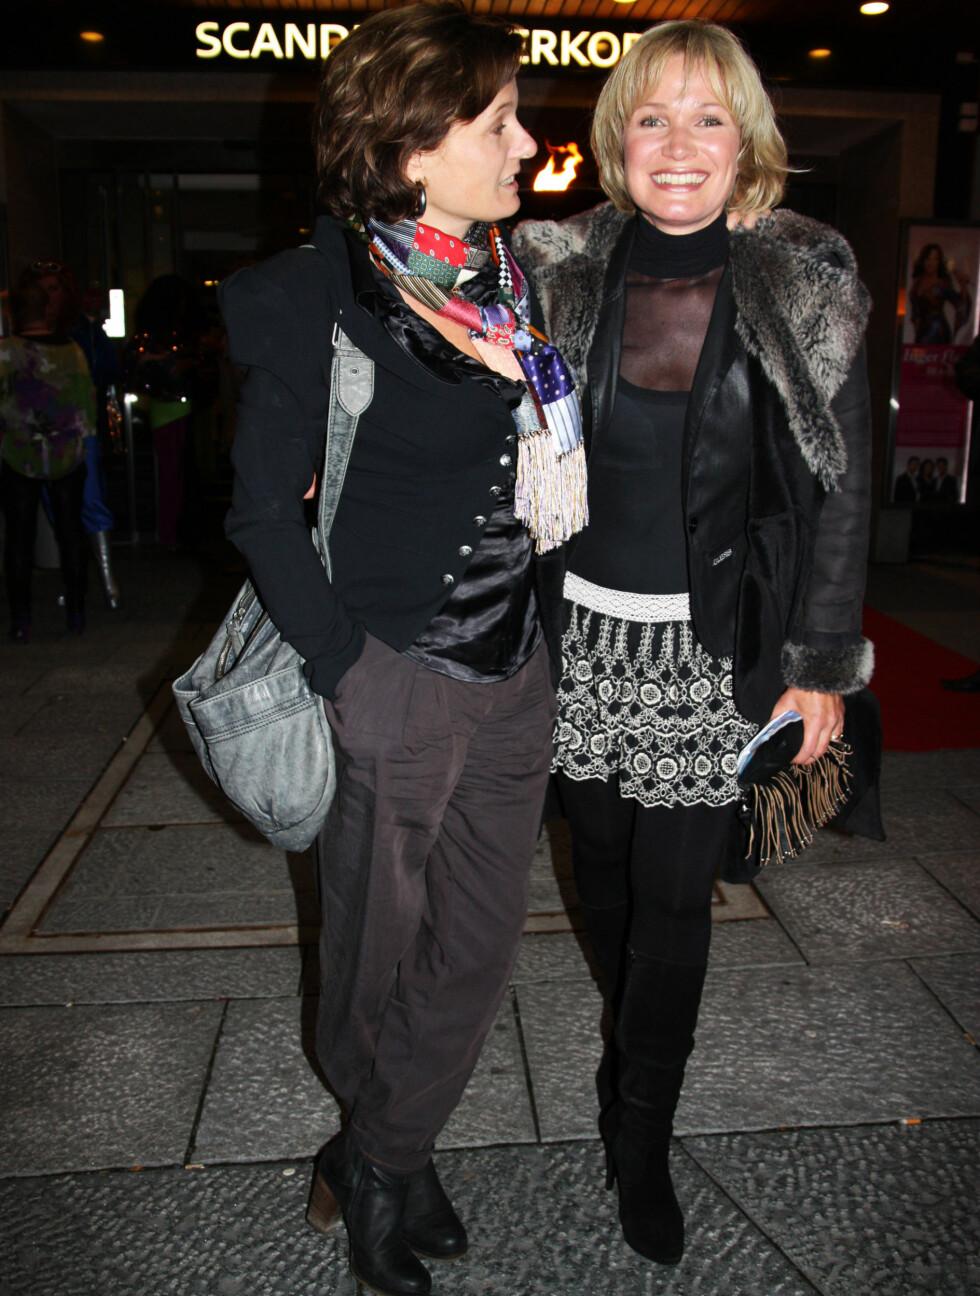 STOR GJENSYNSGLEDE: Ingrid Bjørnov og Benedicte Adrian hadde ikke avtalt å treffe hverandre, og gjensynsgleden var stor. Foto: Thomas Horni / Seher.no